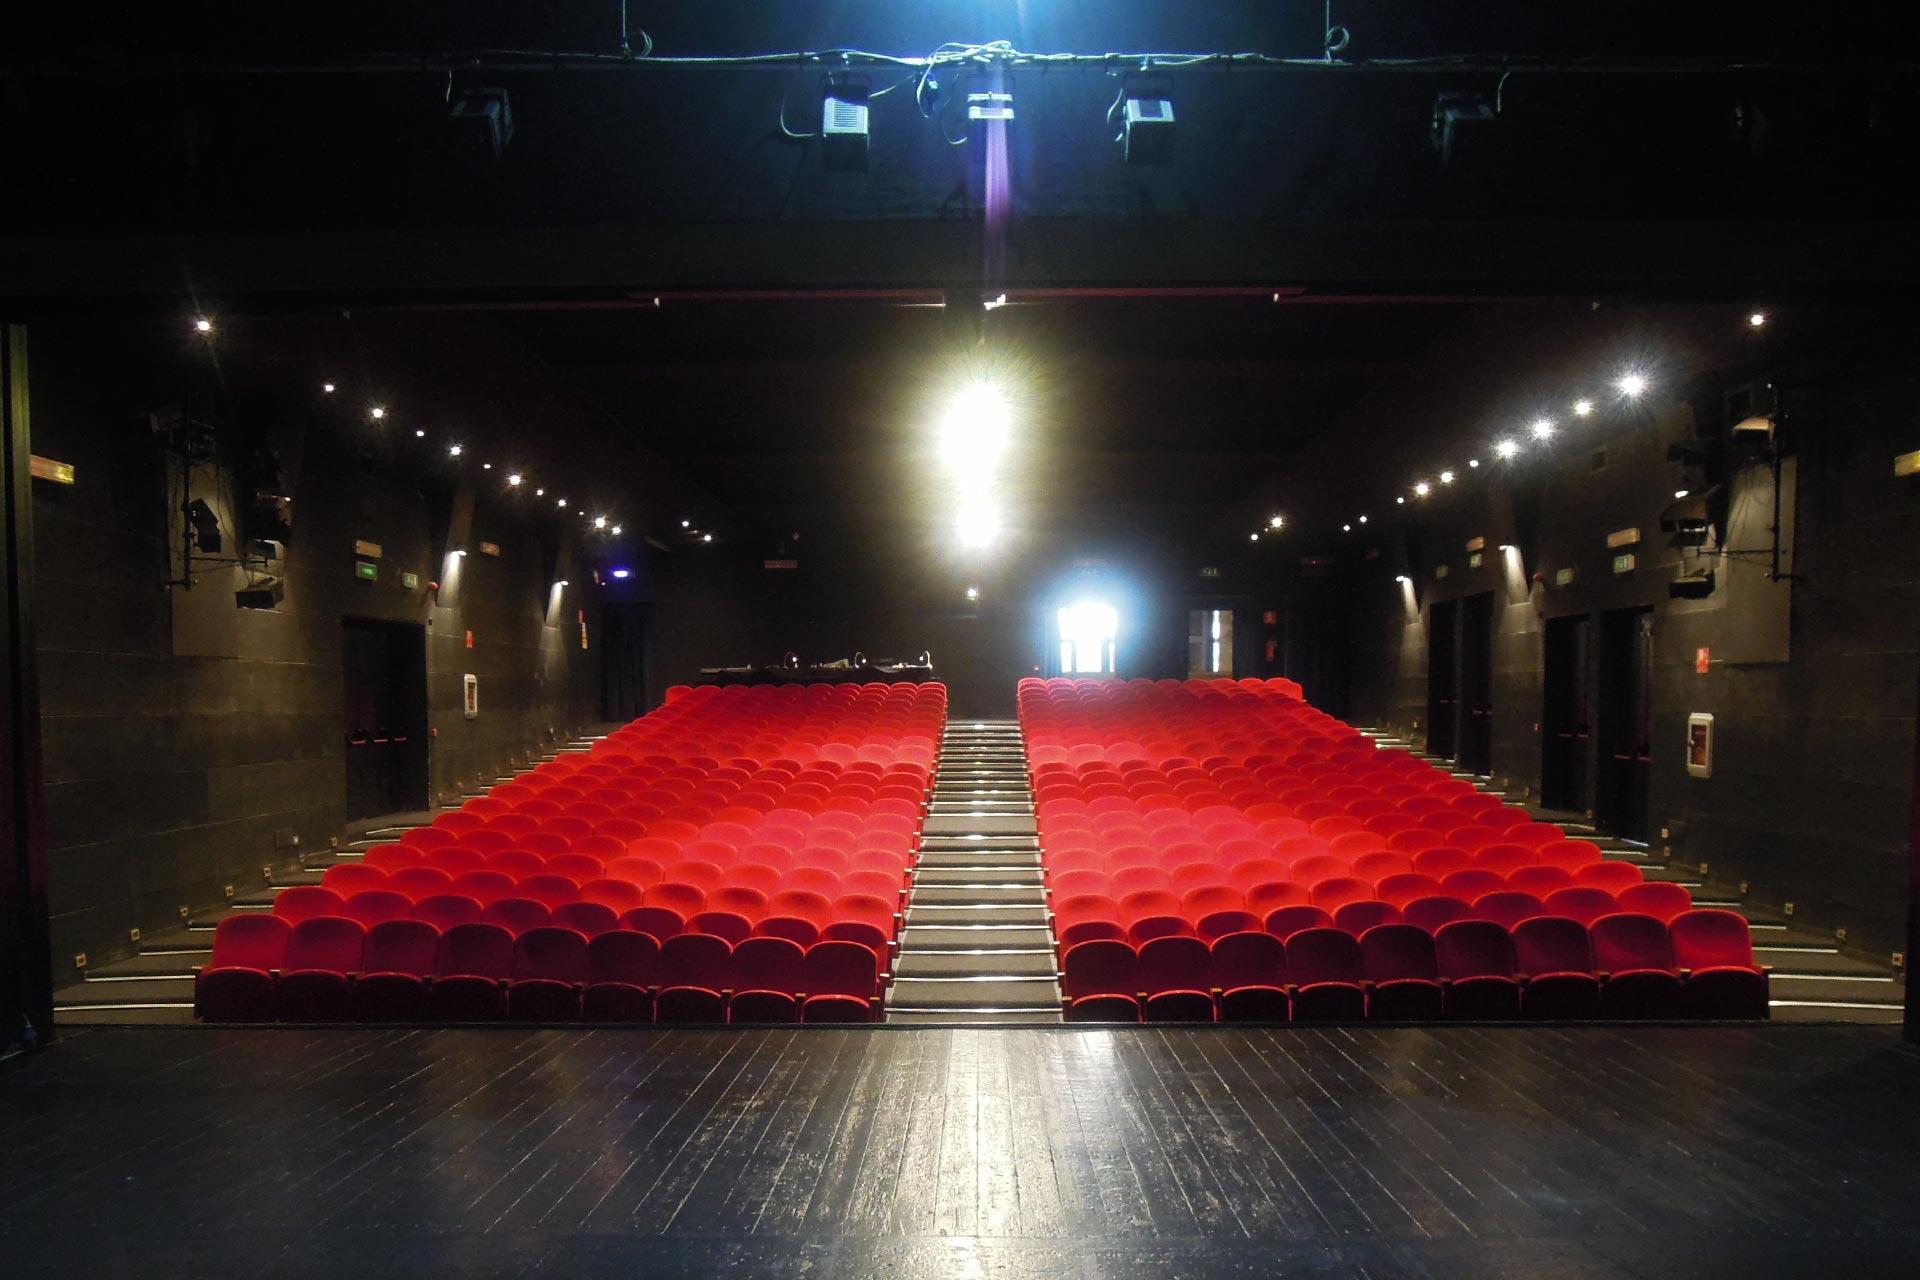 teatro-fontana-spettacoli-prosa-rassegna-scuole-71